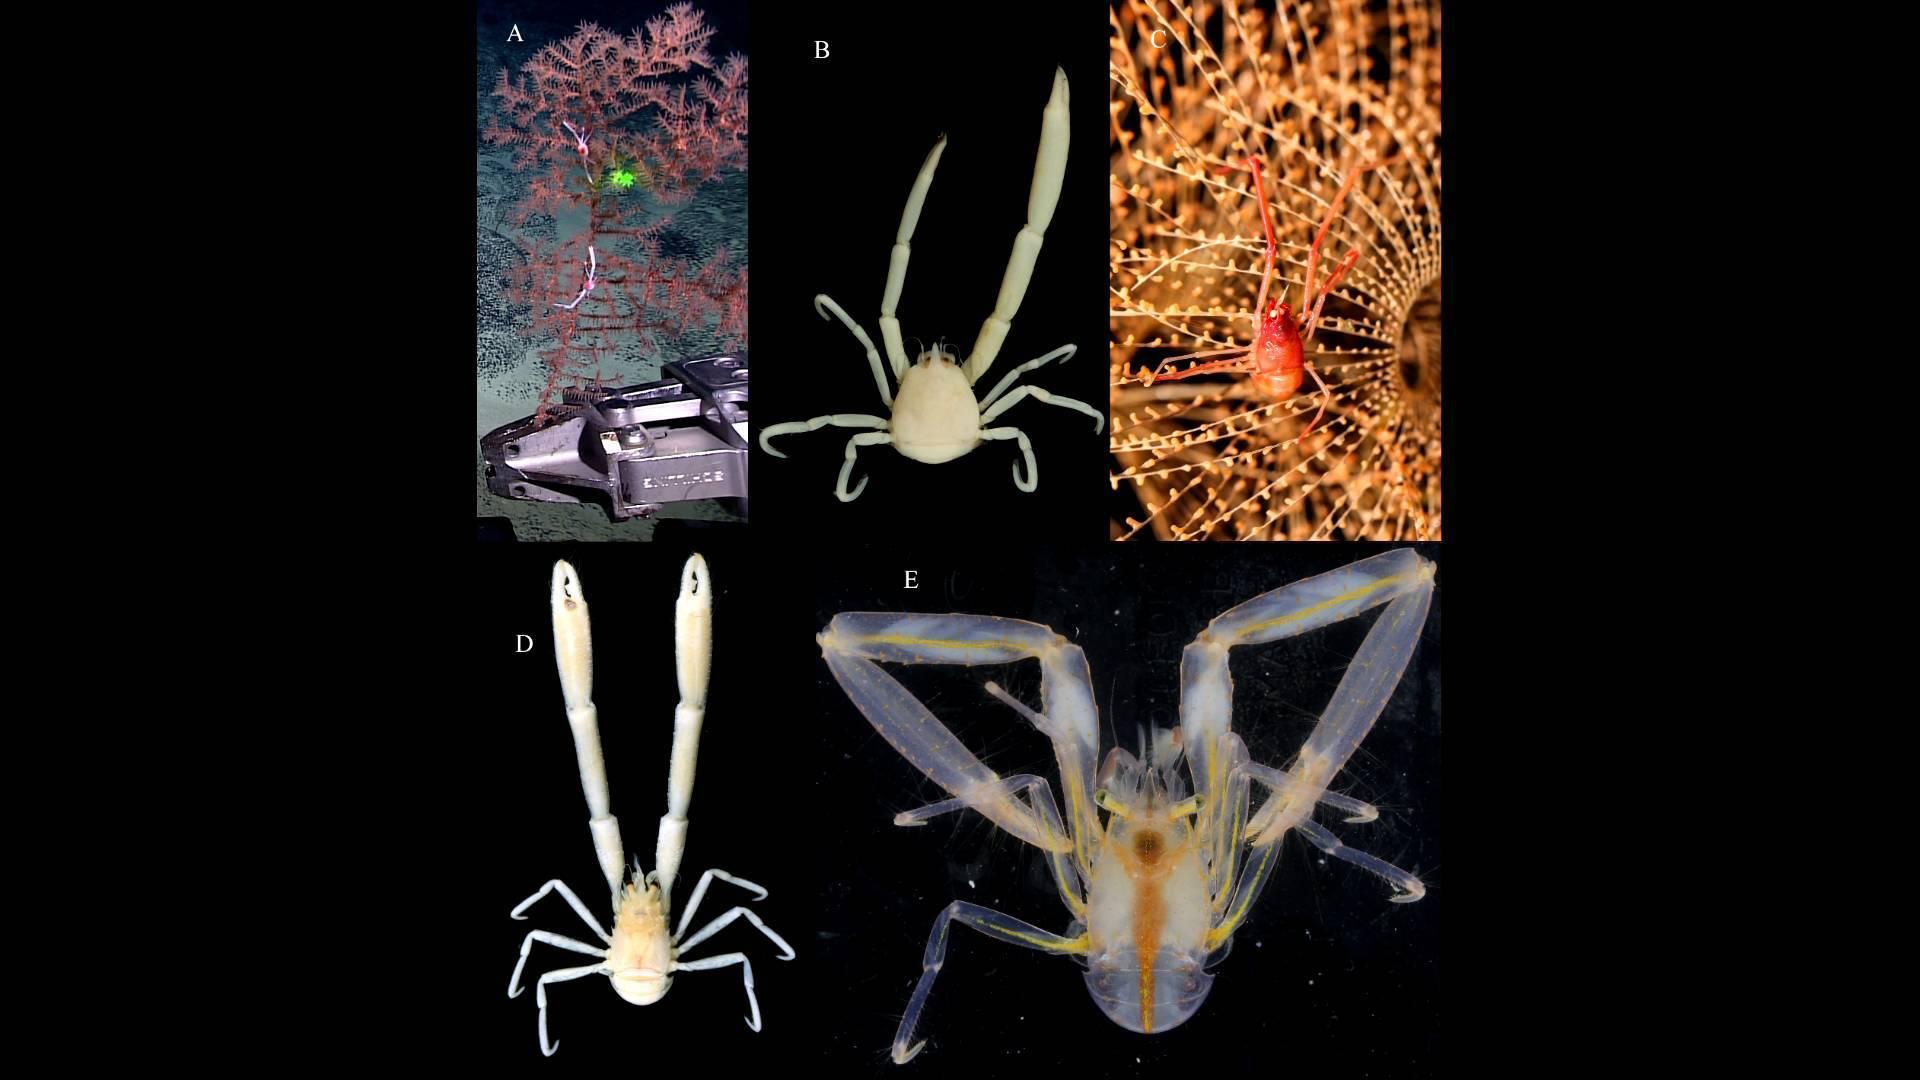 73秒丨中科院发现11个深海铠甲虾新物种 其中一个以航海家郭川命名